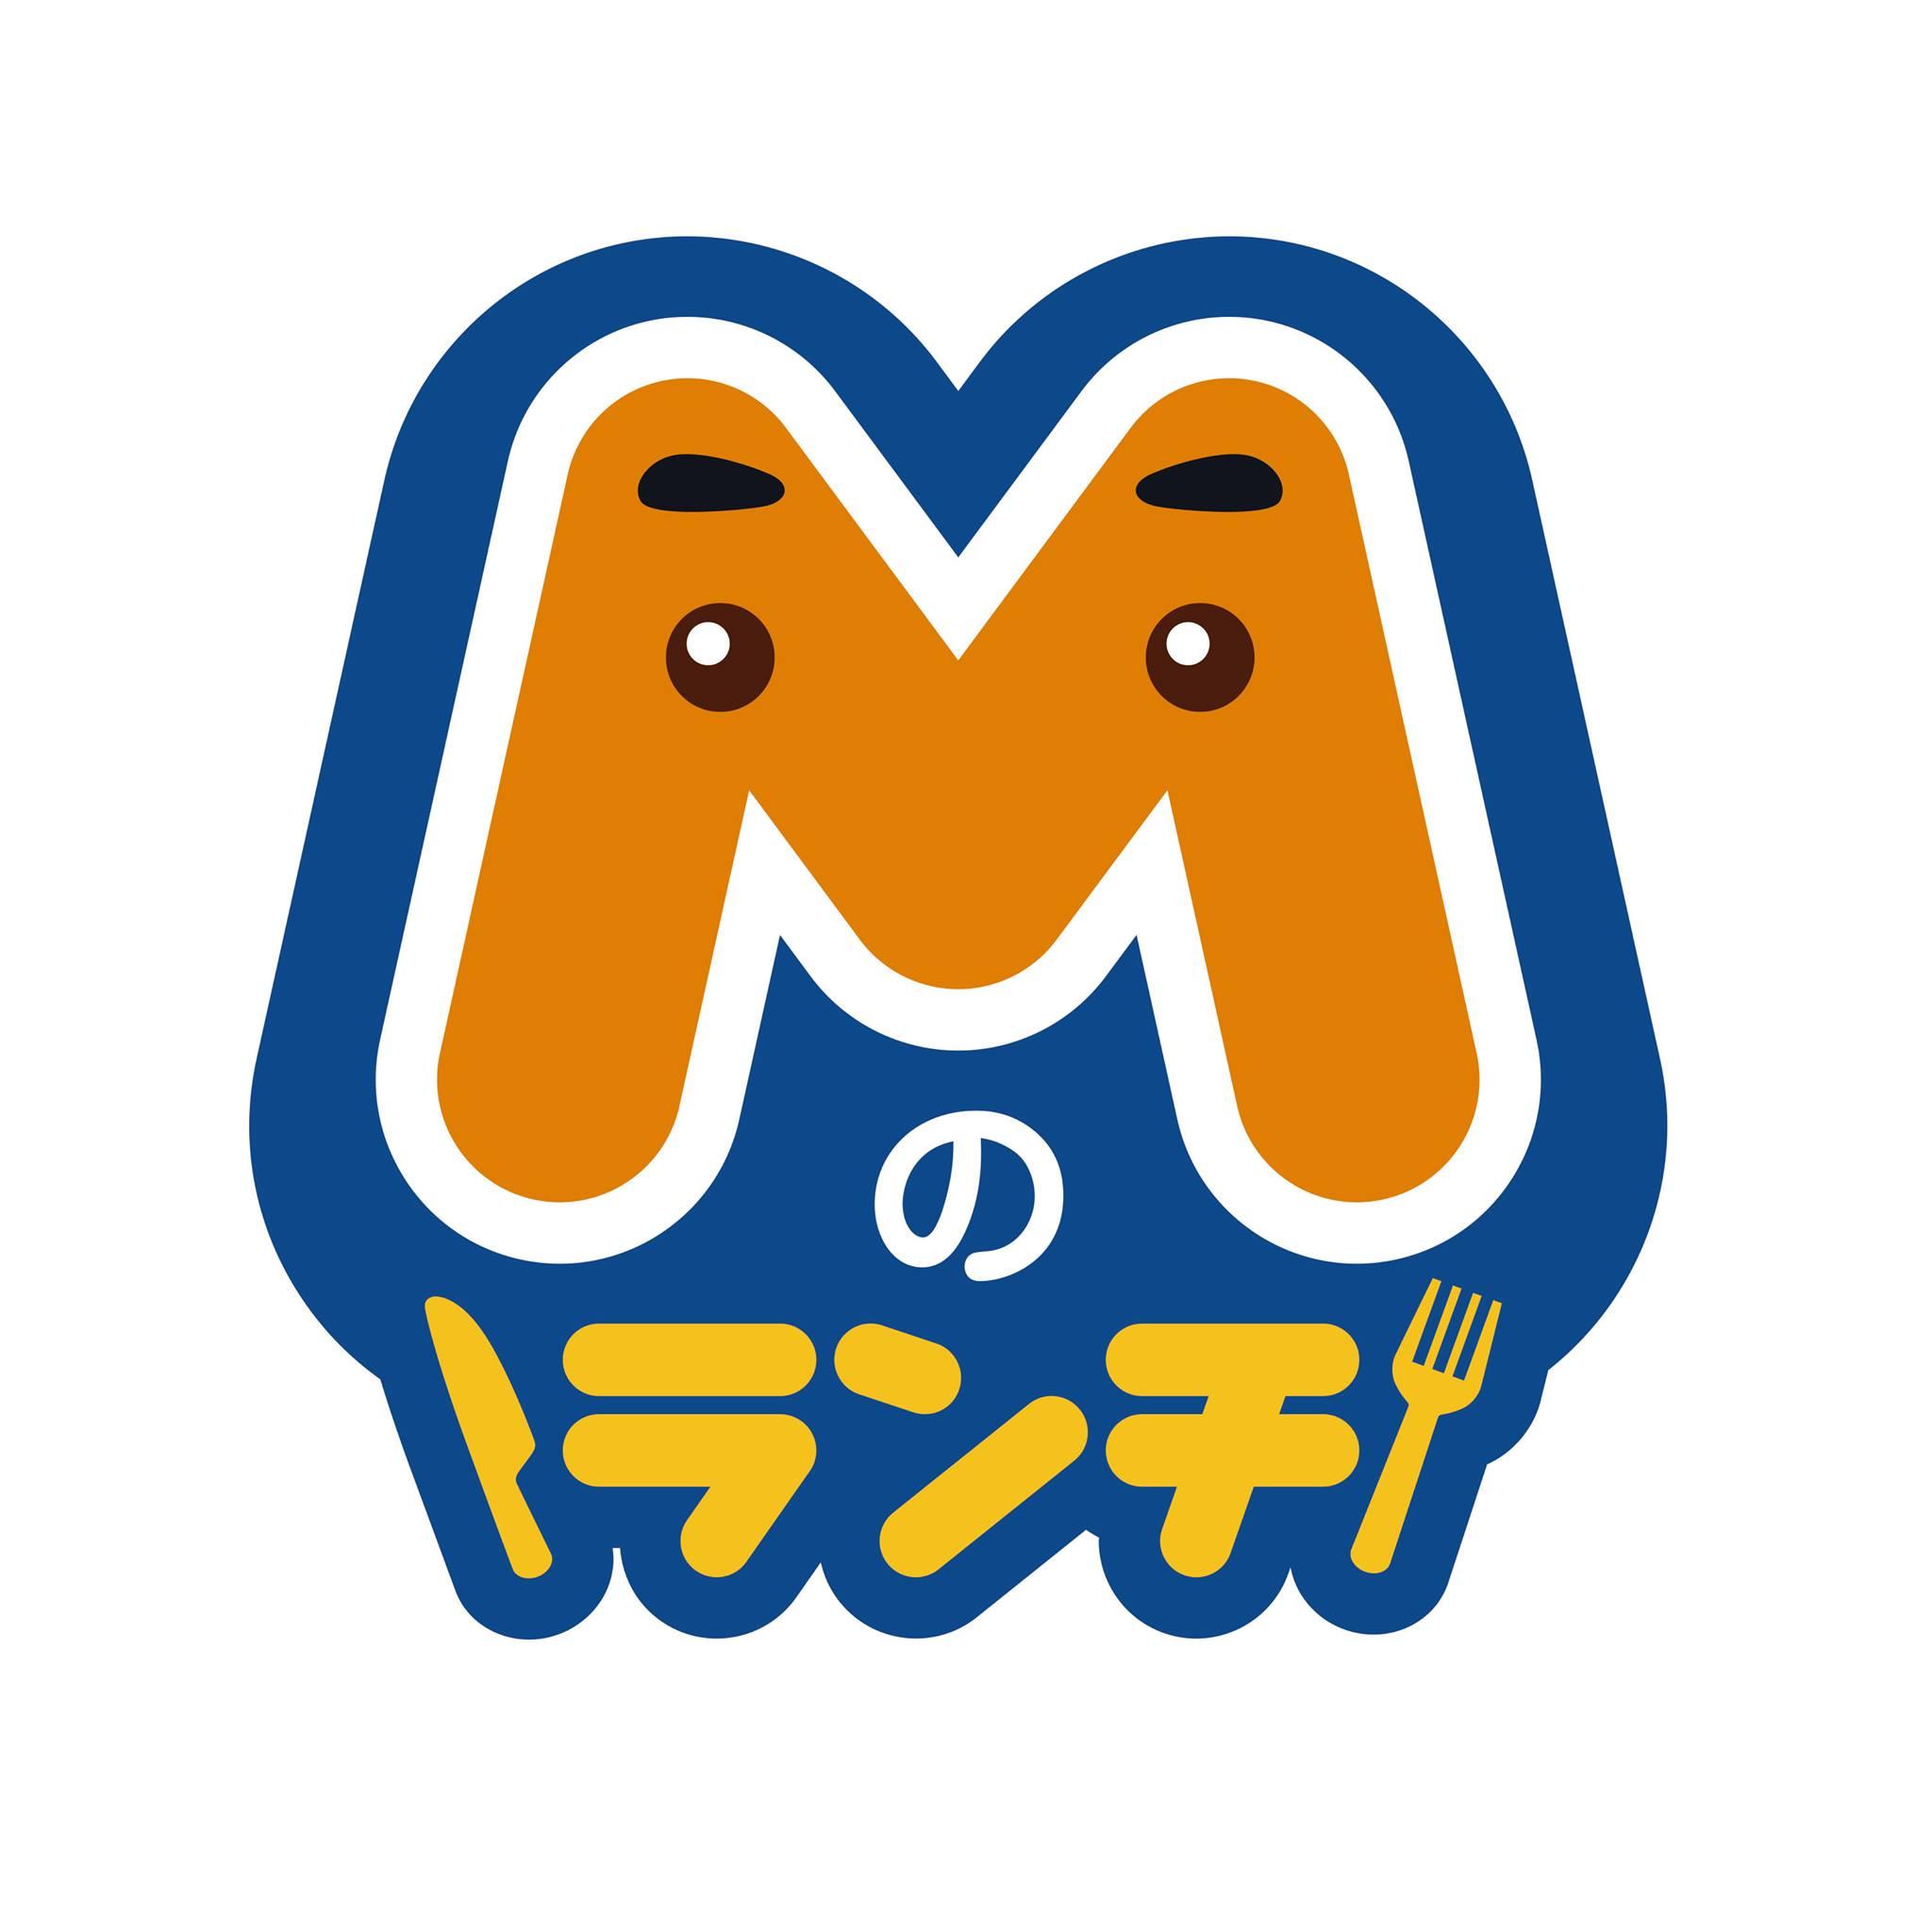 魂を込めてお話しします!『M三郎が語る~誰もが行きたくなるお店作りの極意~』飲食店オーナー様向けセミナー開催のご案内!